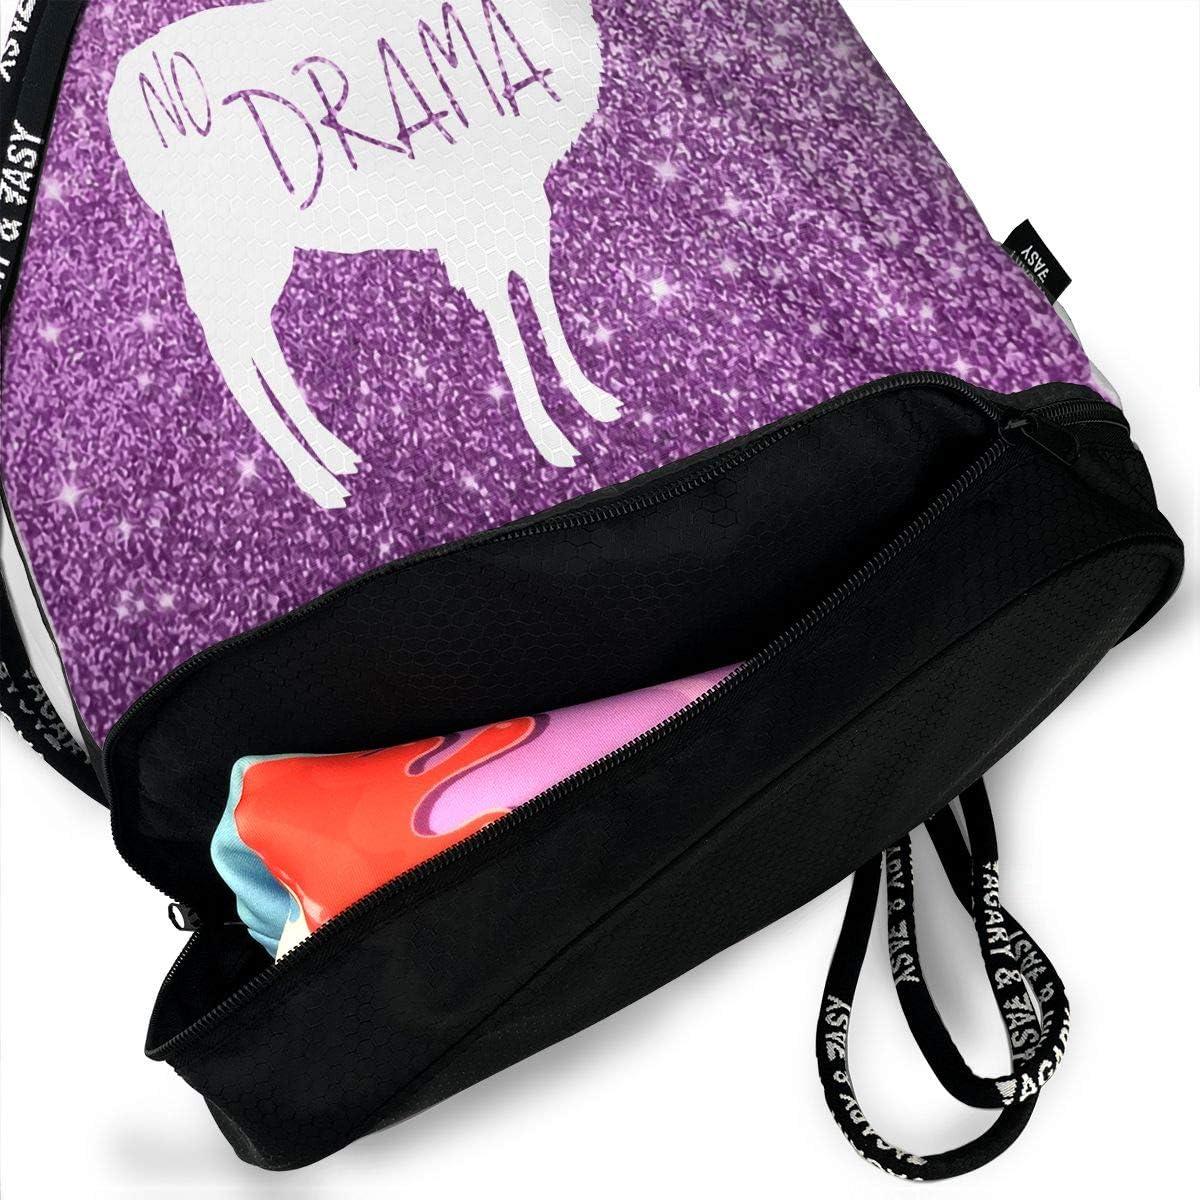 Drawstring Backpack No Drama Llamas Gym Bag